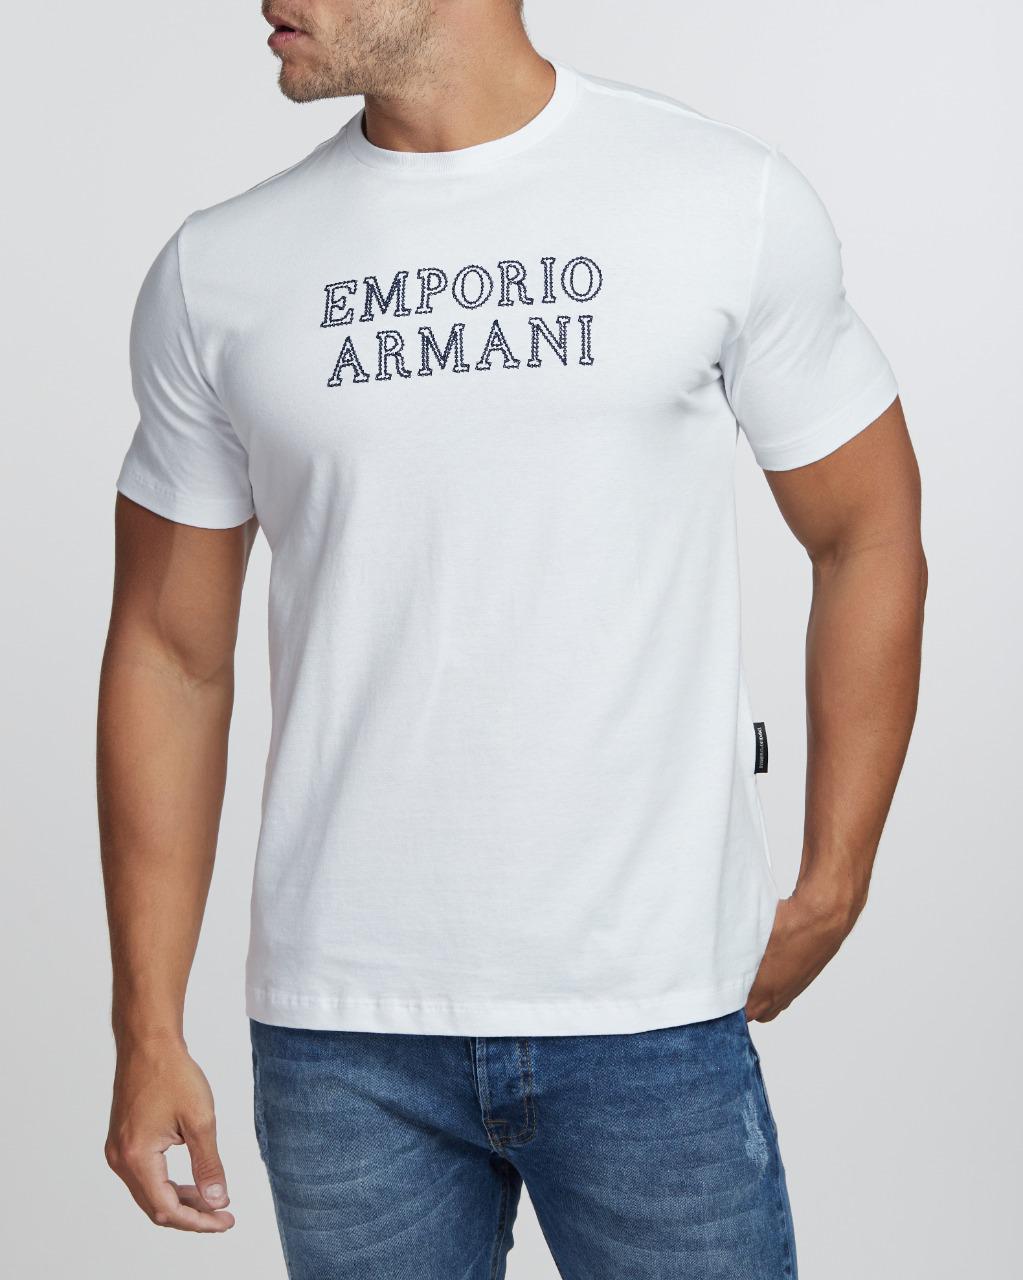 Camiseta Emporio Armani Lettering Bordado Branco